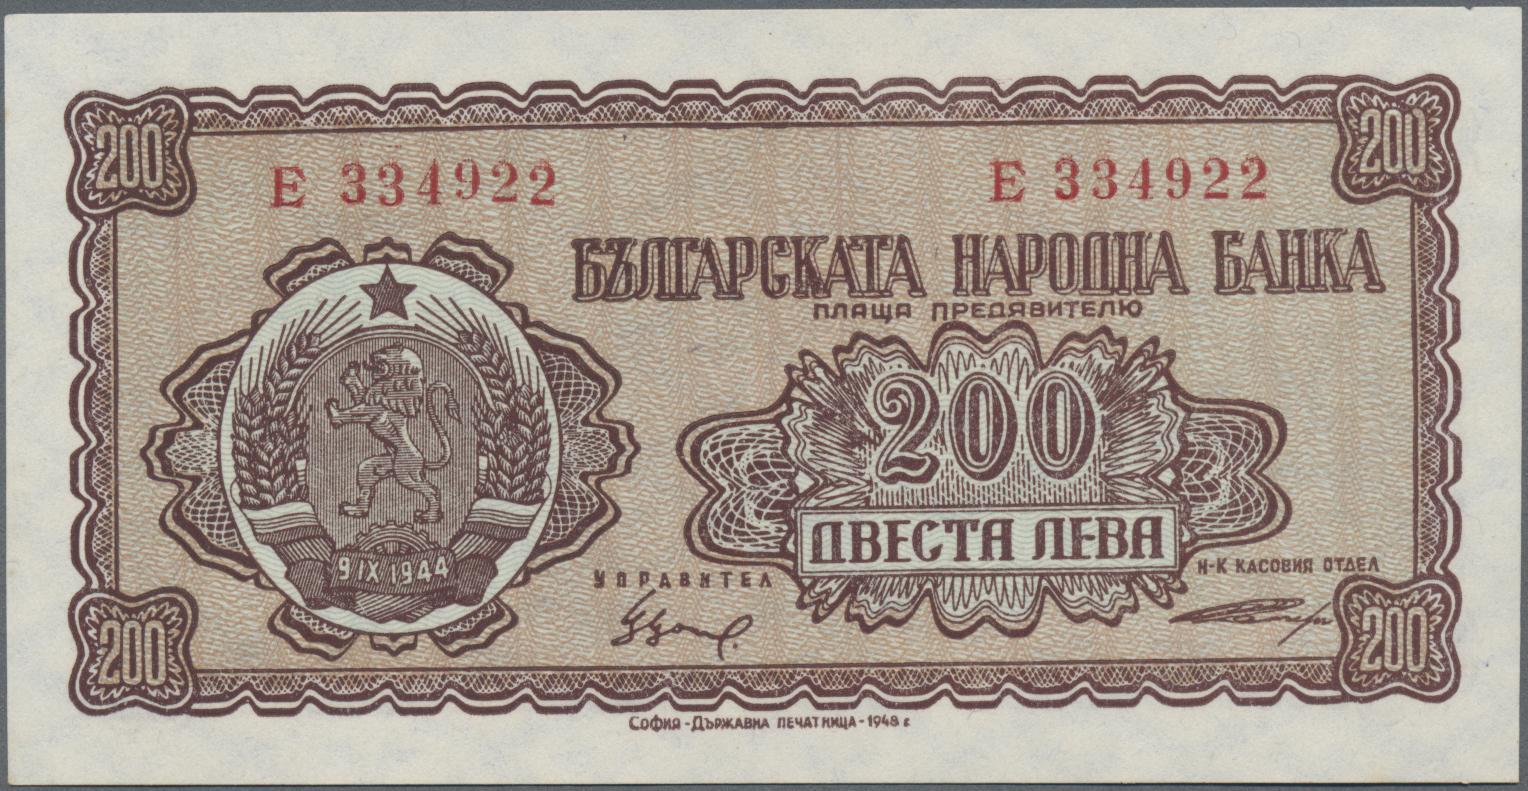 BULGARIA 200 LEVA 1948 UNC P-75